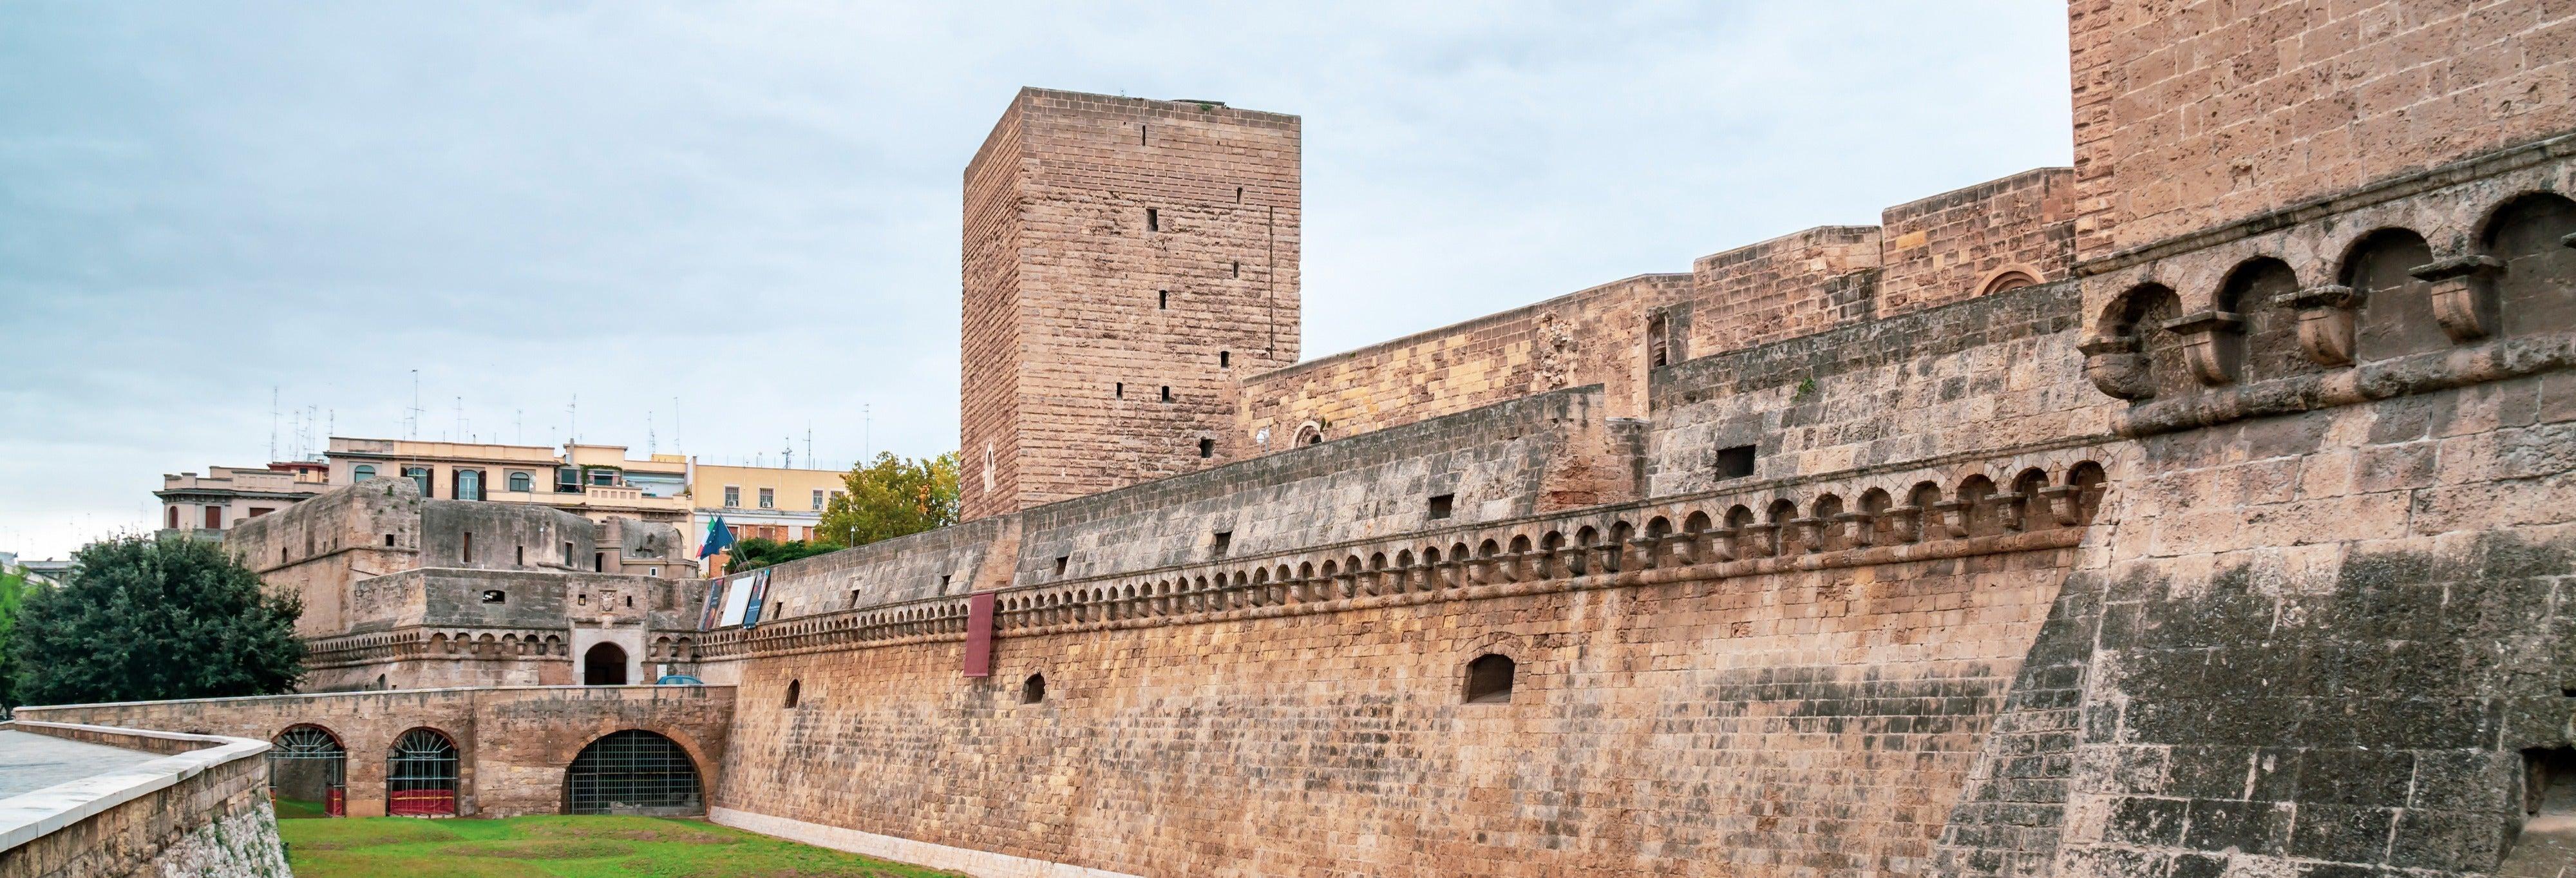 Tour por las fortalezas de Bari